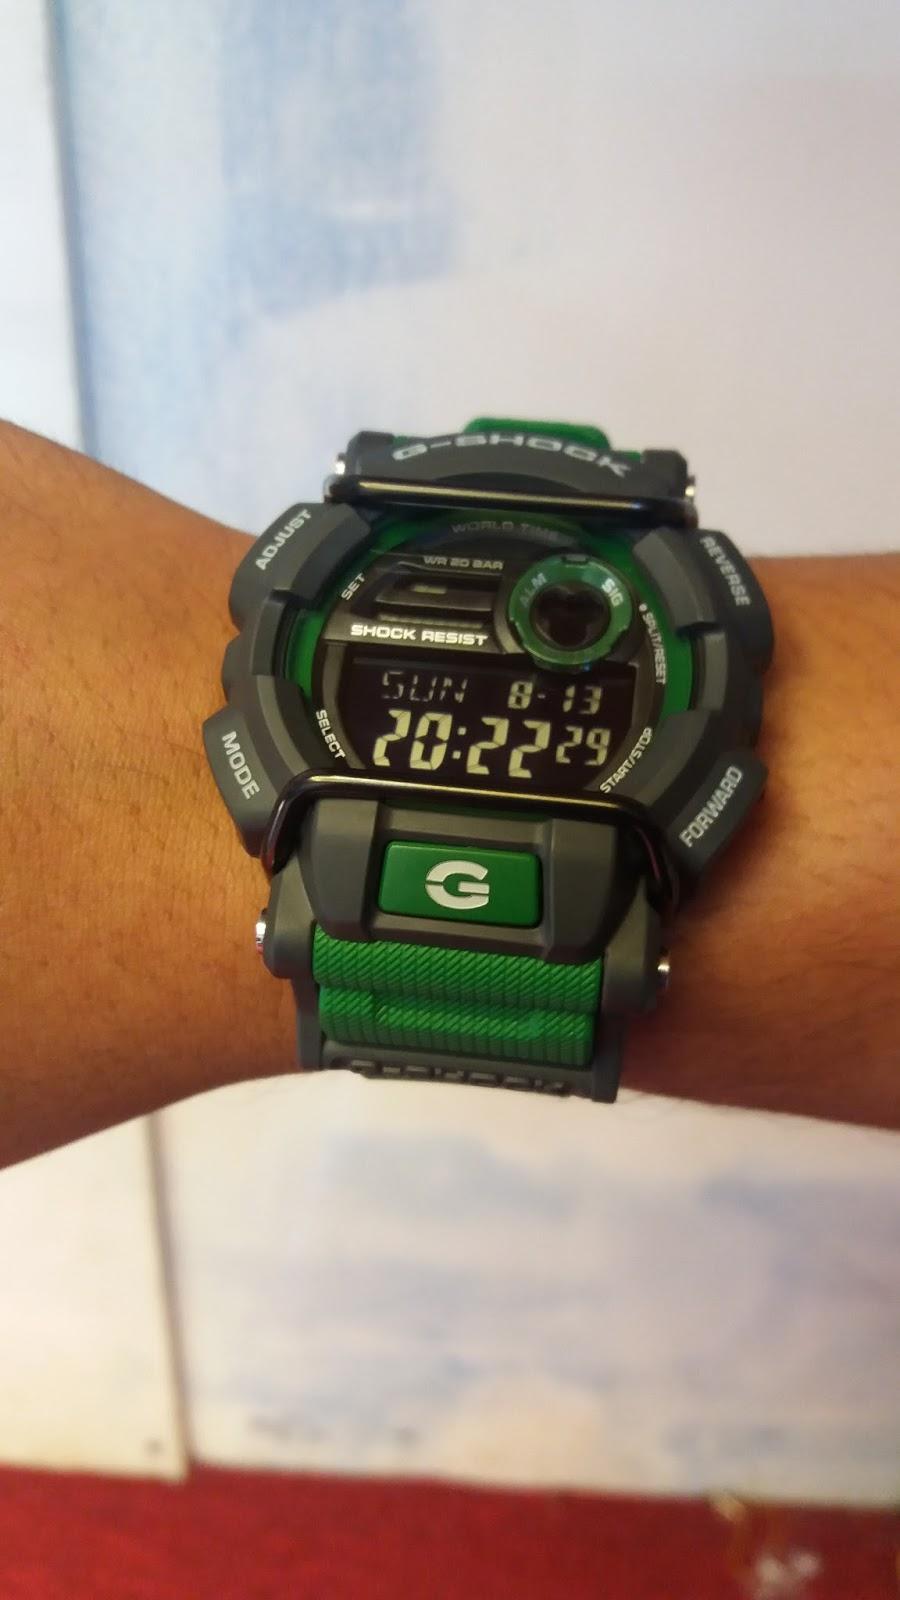 Spesifikasi Watch G Shock Gd 400 Dan Cara Setingnya Casio 400mb 1dr Setting